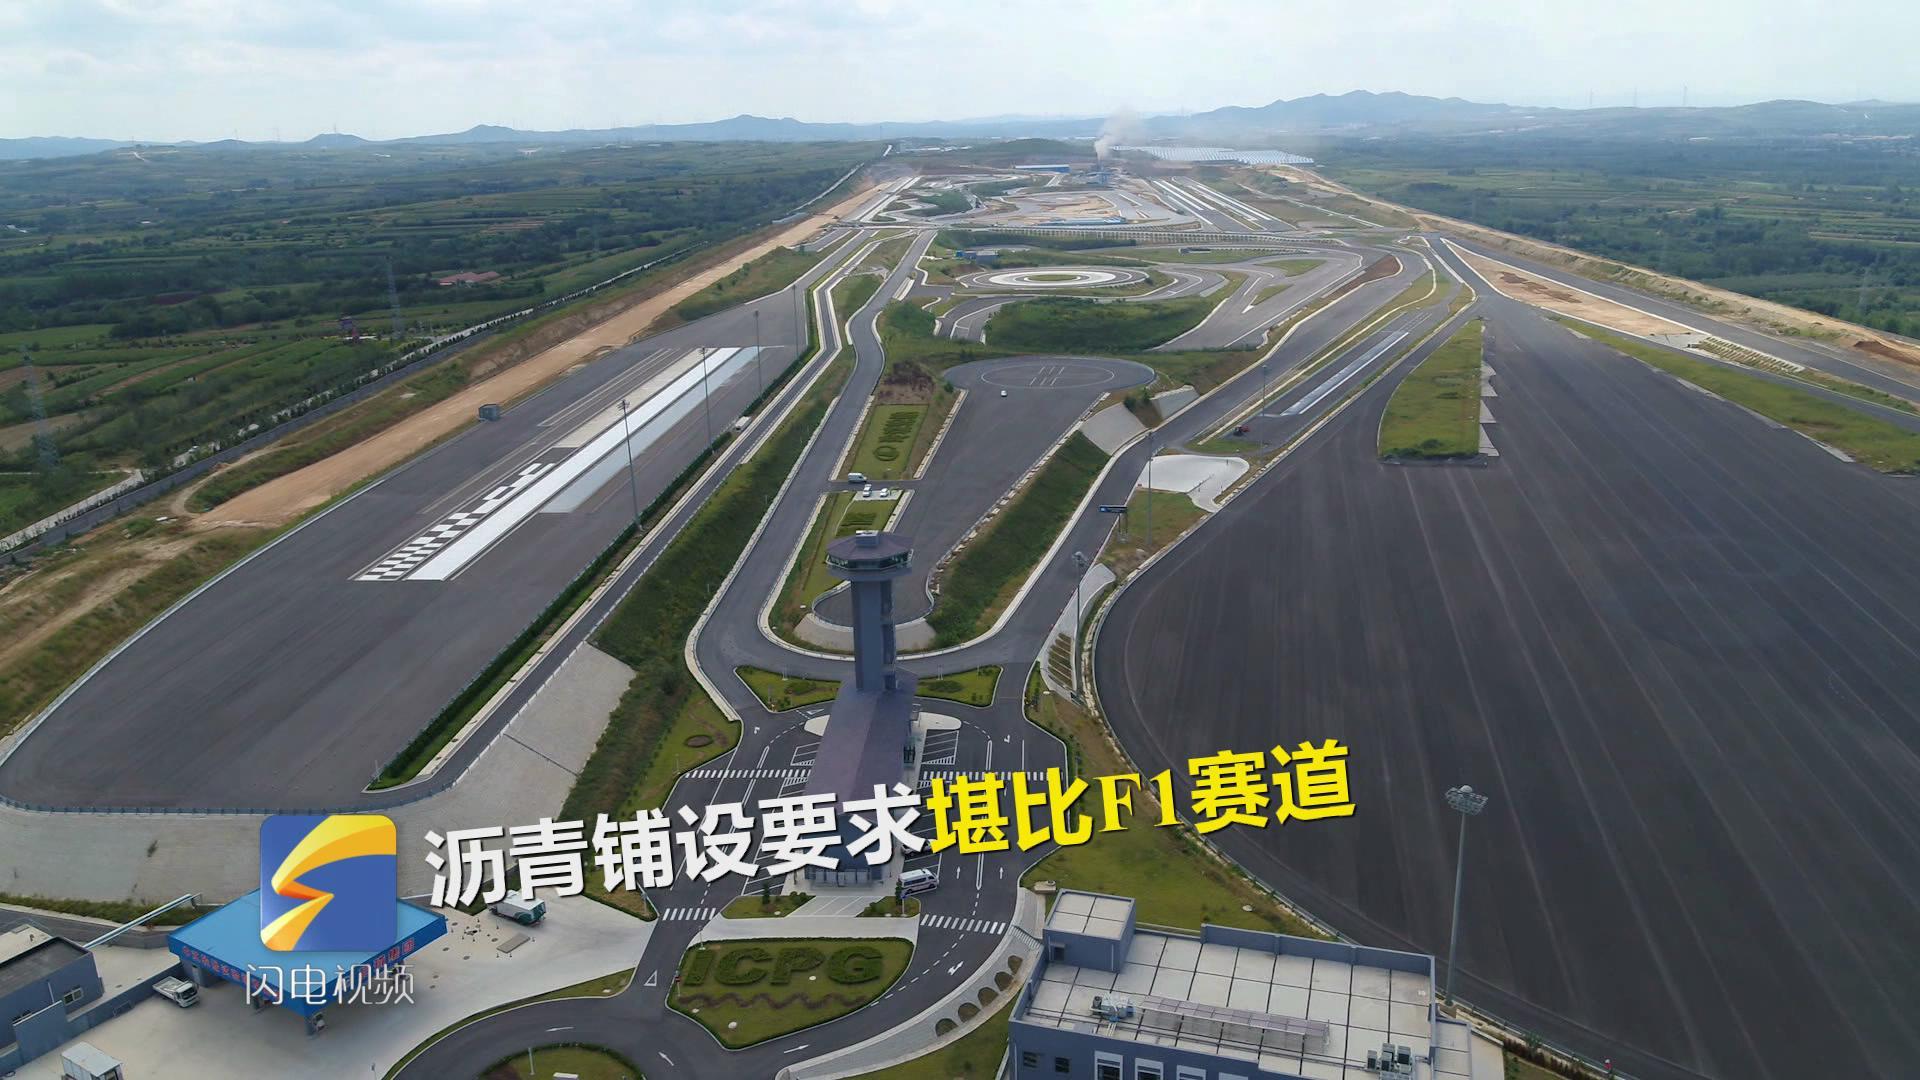 68秒 堪比F1赛道的轮胎试验场 助力中国轮胎行业转型升级_20190215103442.JPG